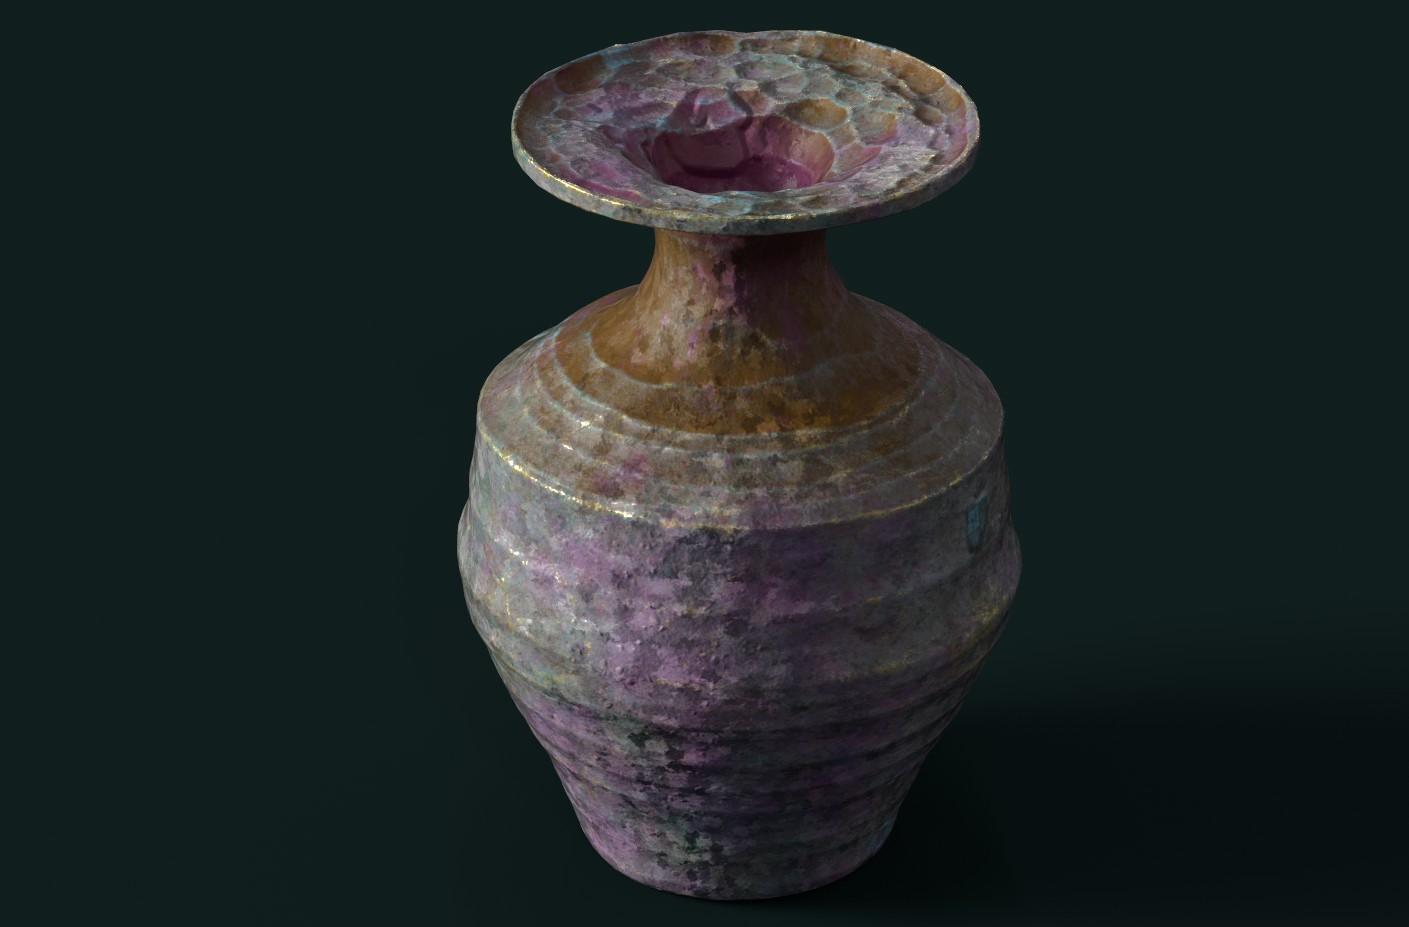 PAINTER vase standard render test 3